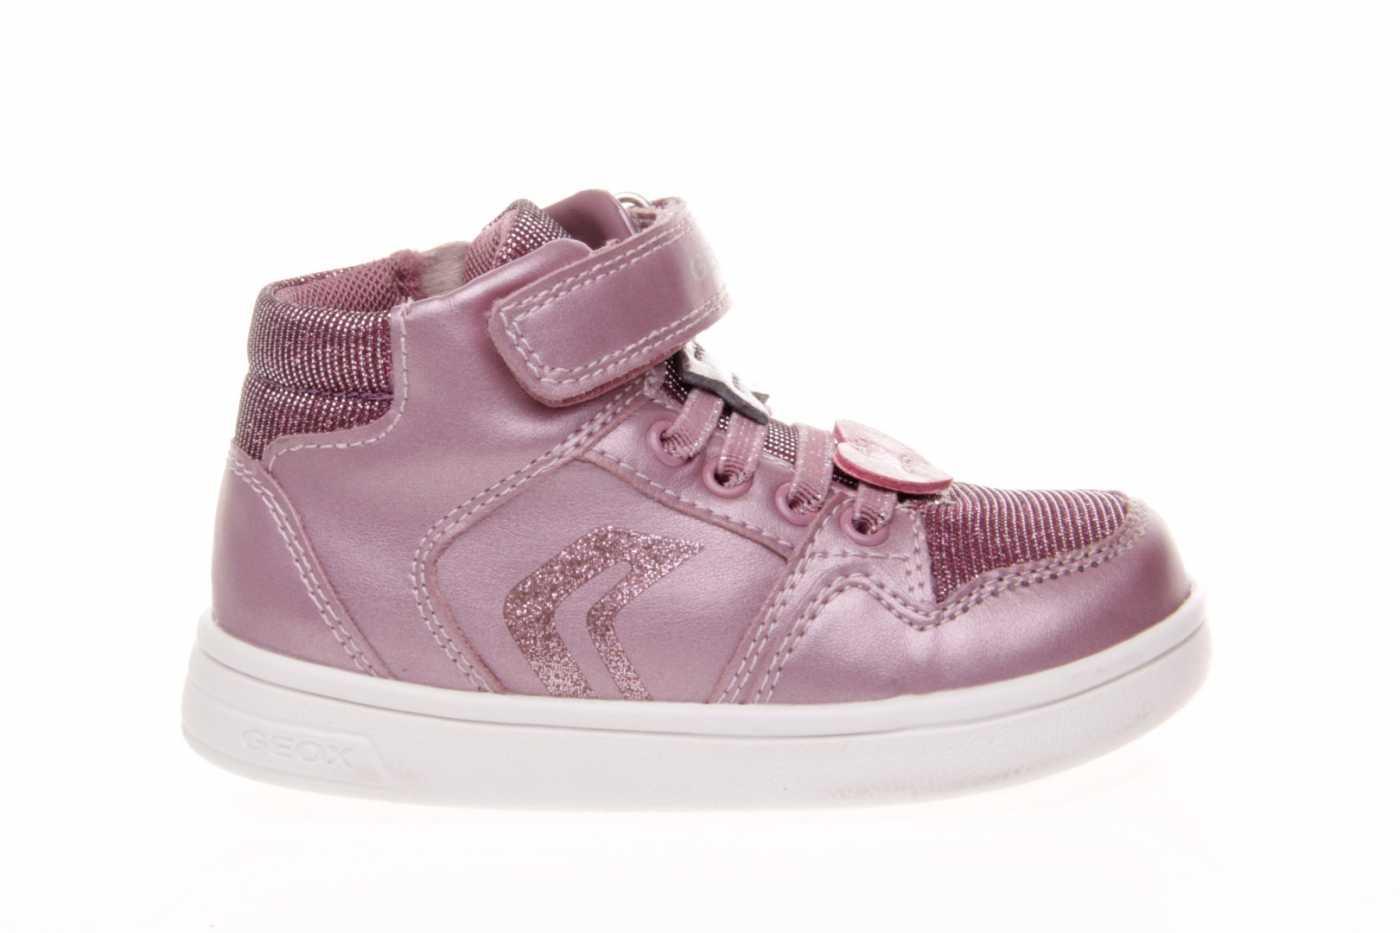 087601968 Comprar zapato tipo JOVEN NIÑA estilo BOTAS COLOR ROSA PIEL